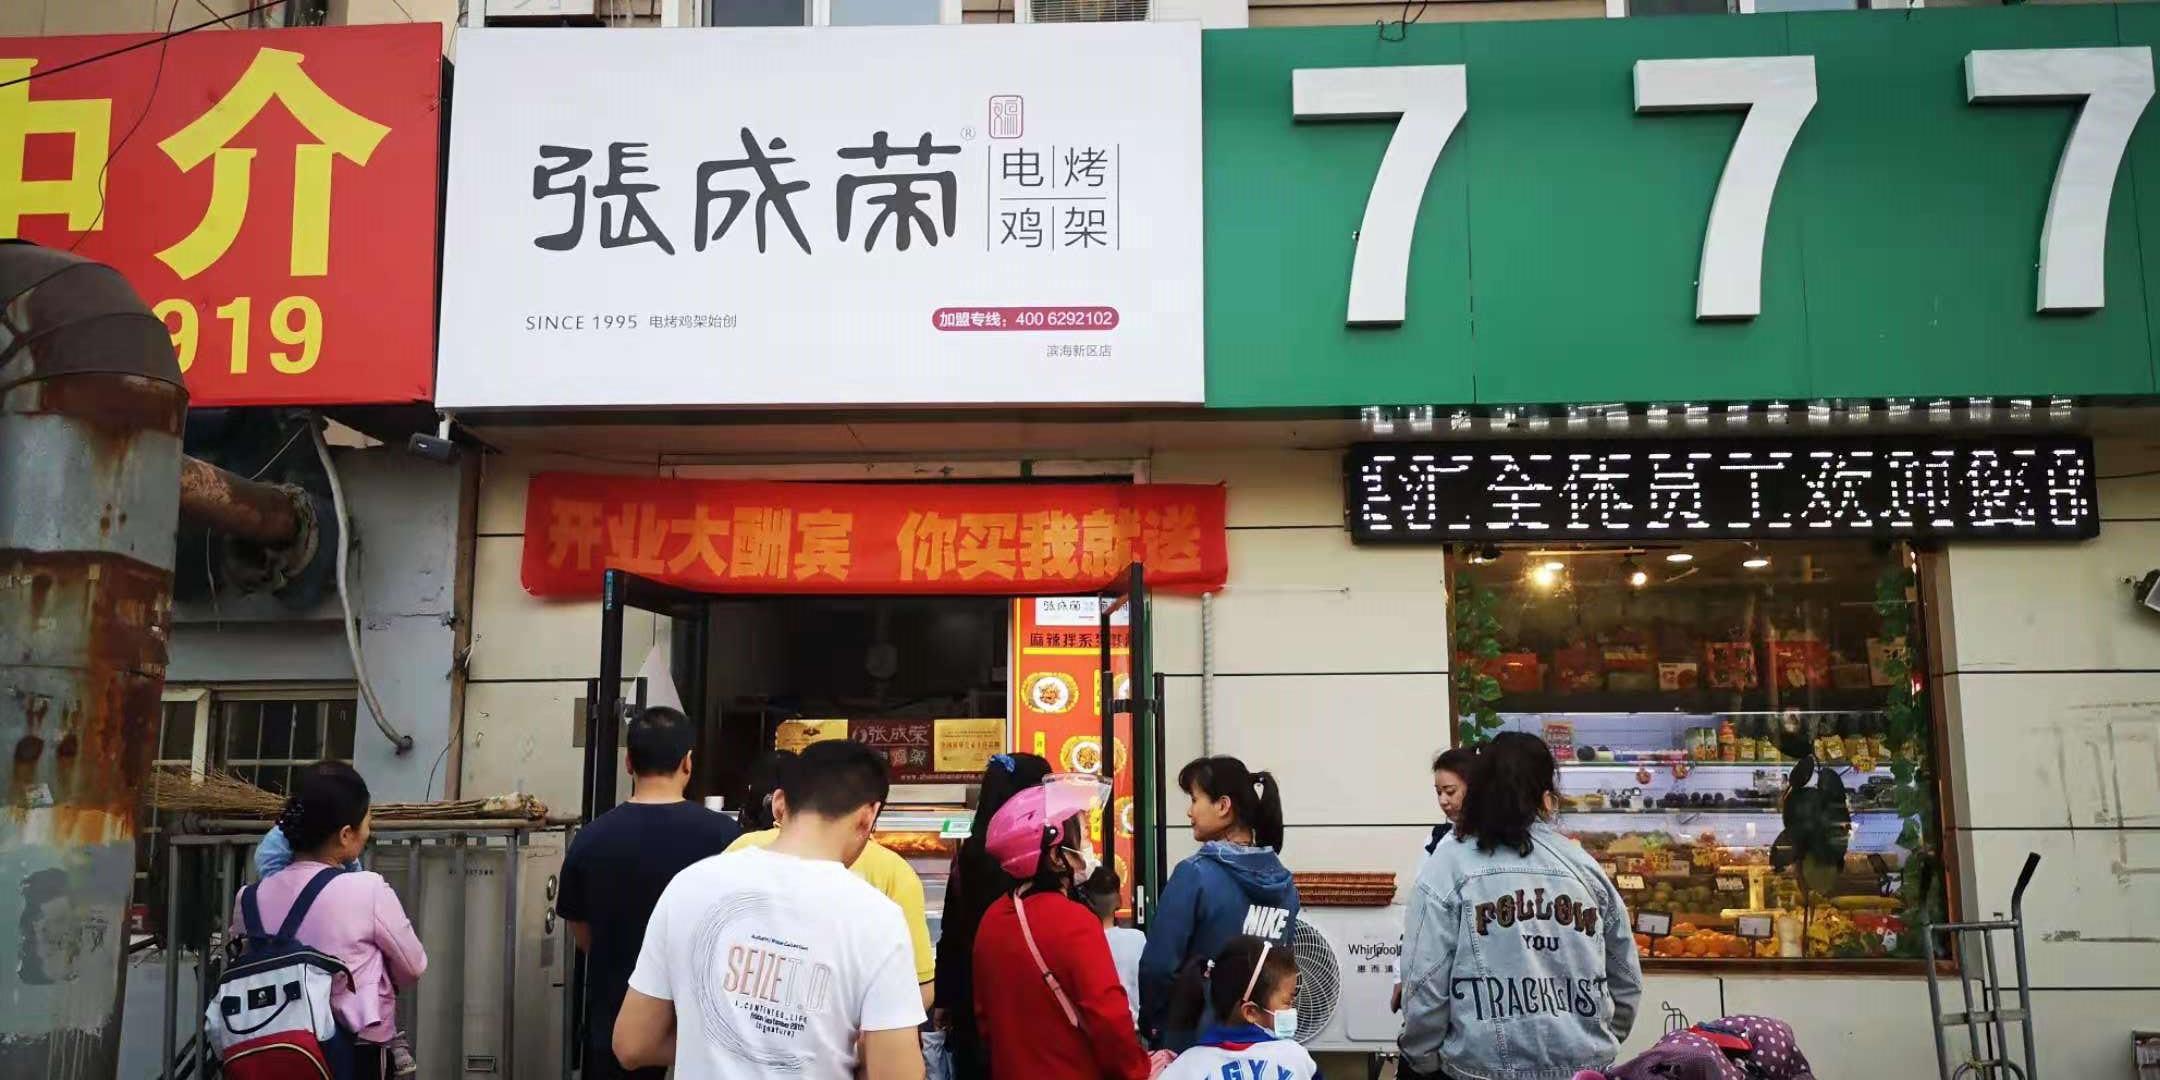 张成荣电烤鸡架天津滨海新区店火爆开业!